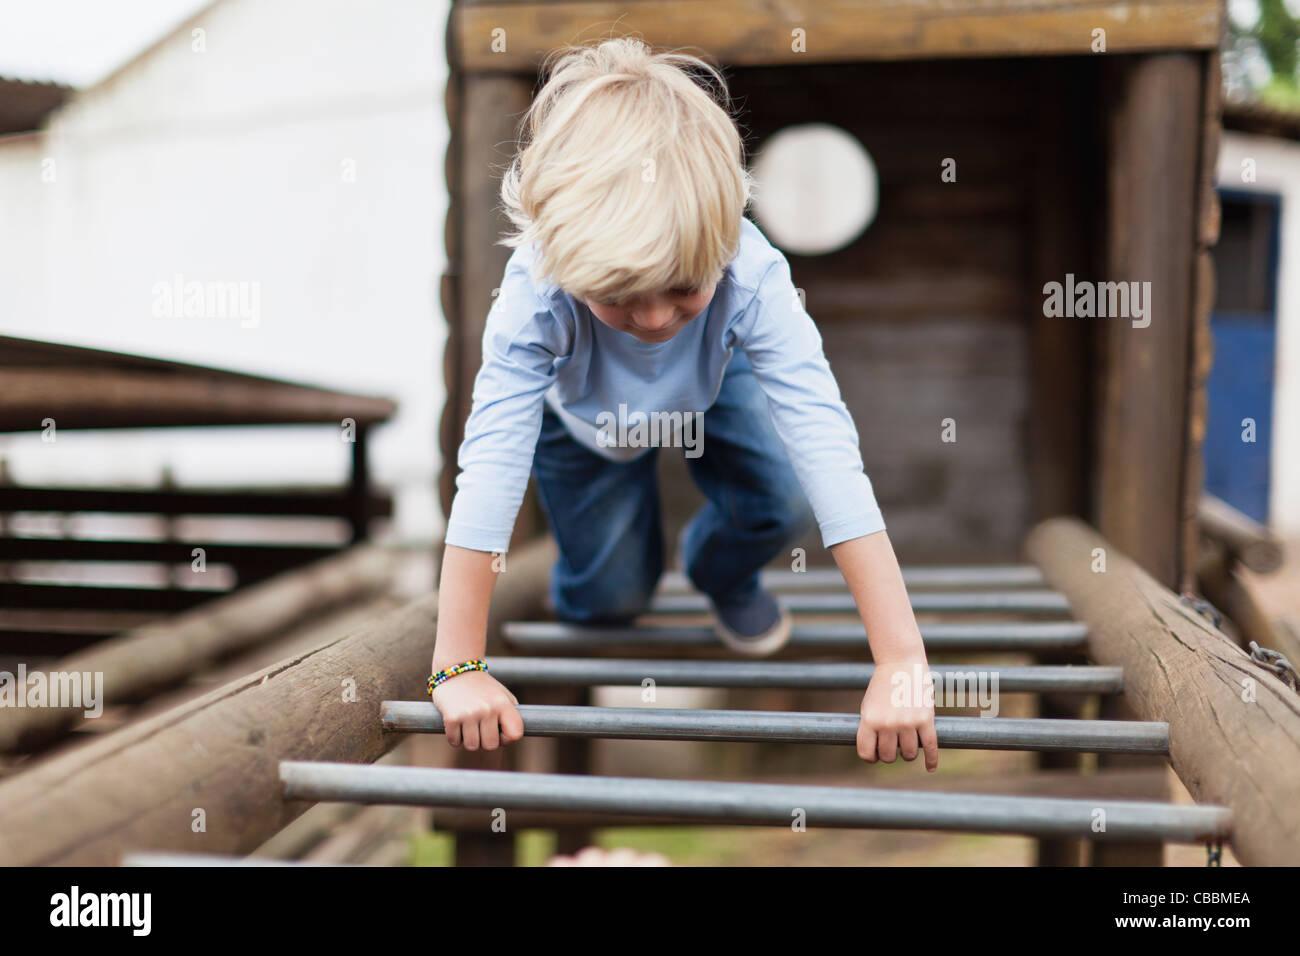 Boy playing on monkey bars - Stock Image